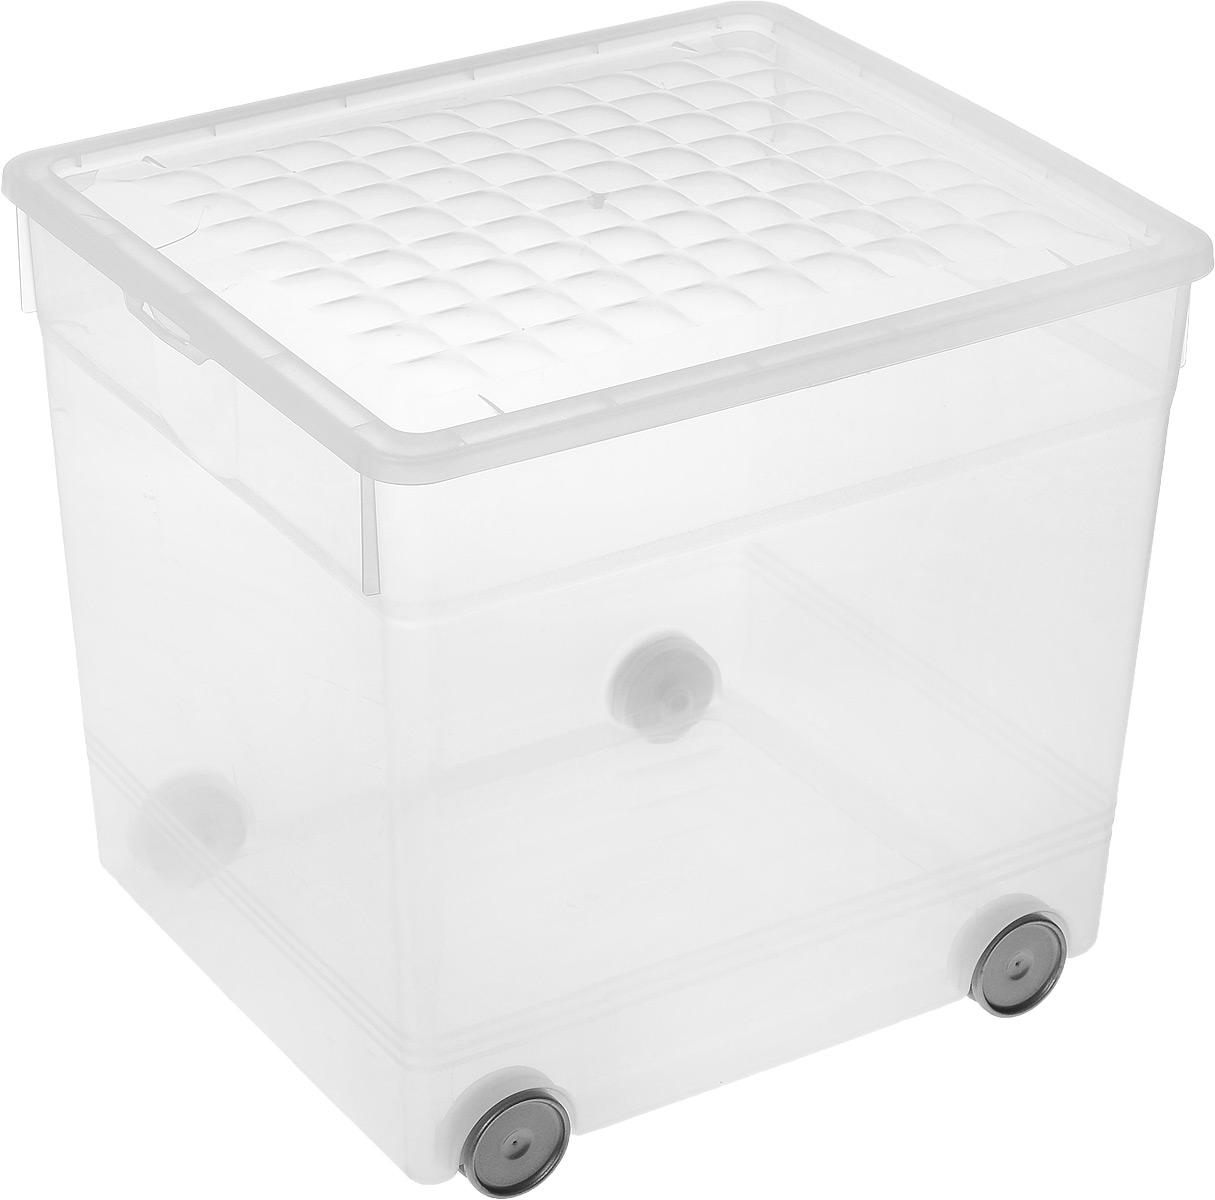 Контейнер для хранения Curver, на колесиках, 33 л74-0120Контейнер для хранения Curver изготовлен из прозрачного пластика. Изделие предназначено для хранения различных бытовых вещей, игрушек, одежды и многого другого. Контейнер оснащен четырьмя колесиками и откидной крышкой, которая закрывается на две защелки.Размер контейнера: 34,5 х 30 х 34 см.